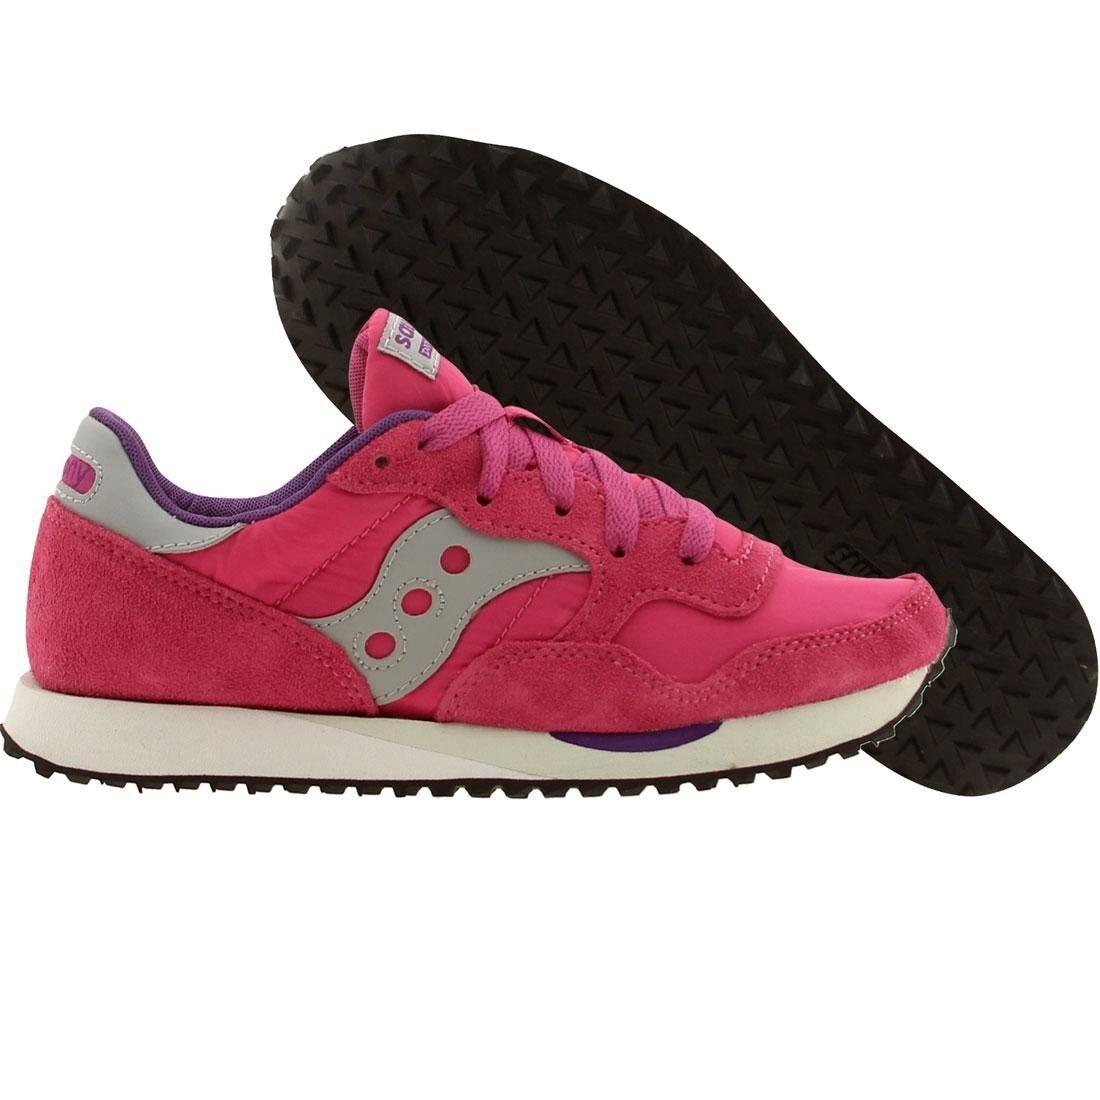 65 Saucony femmes DXN Trainer (rose) S60124-13